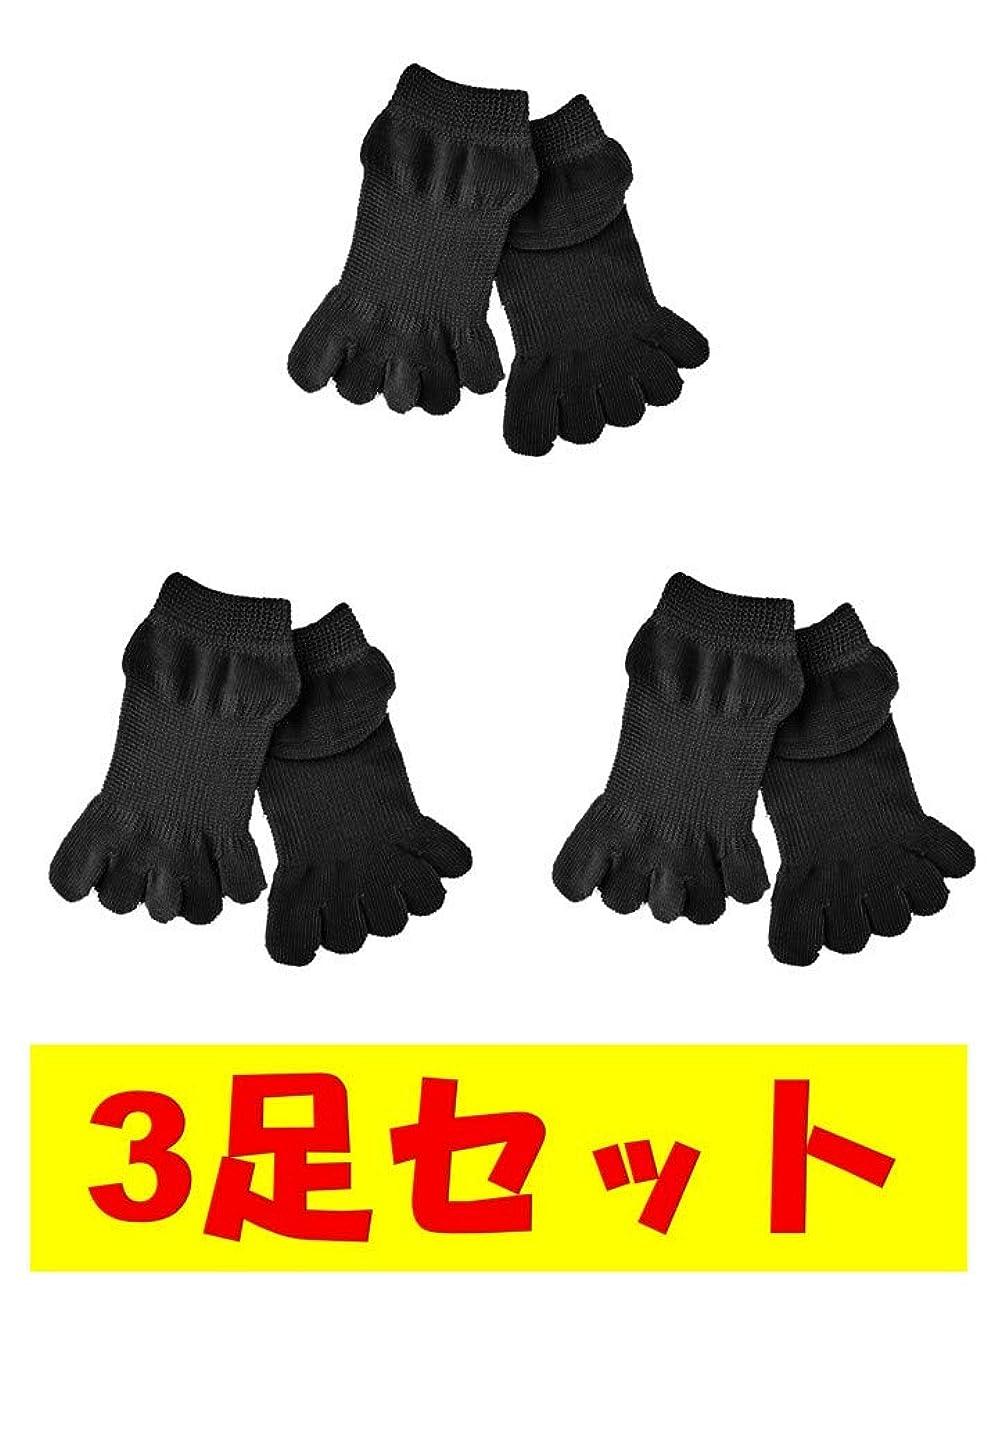 お買い得3足セット 5本指 ゆびのばソックス ゆびのば アンクル ブラック Sサイズ 21.0cm-24.0cm YSANKL-BLK